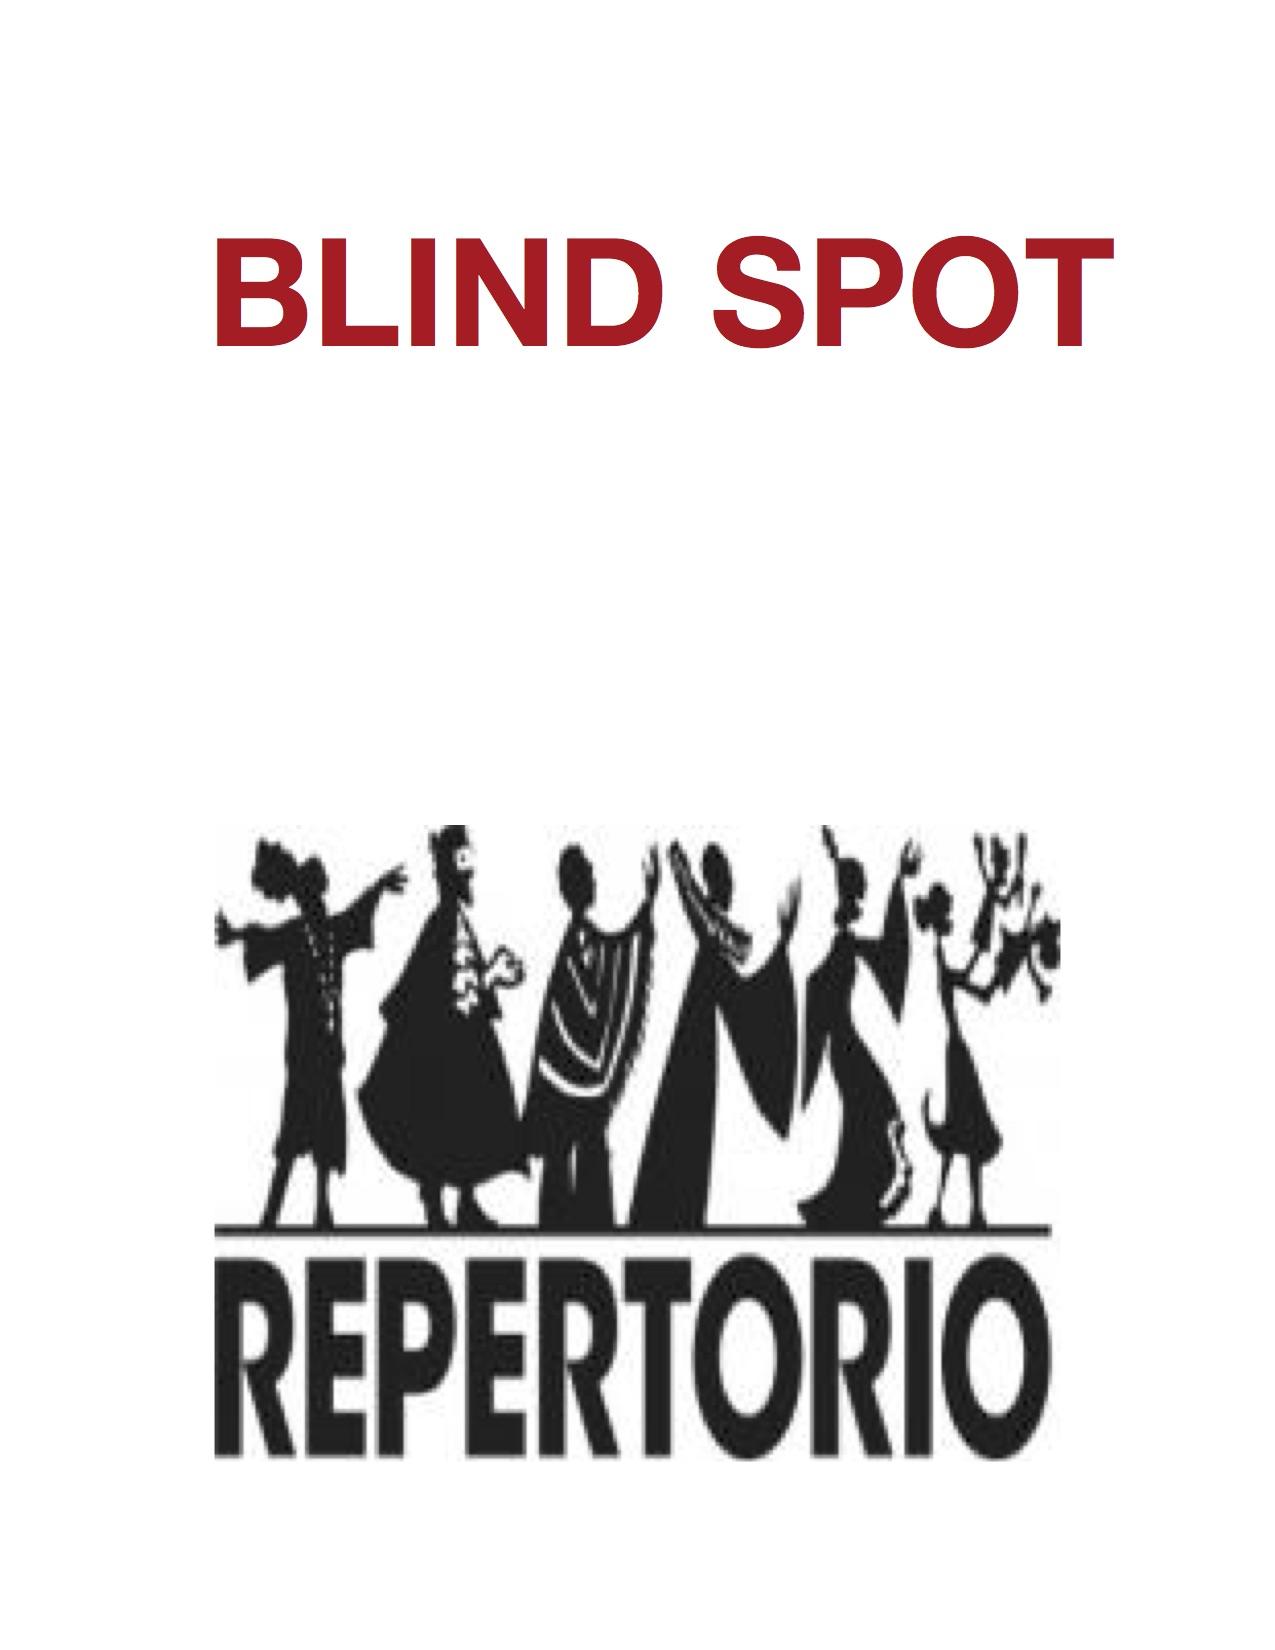 Blind_Rep